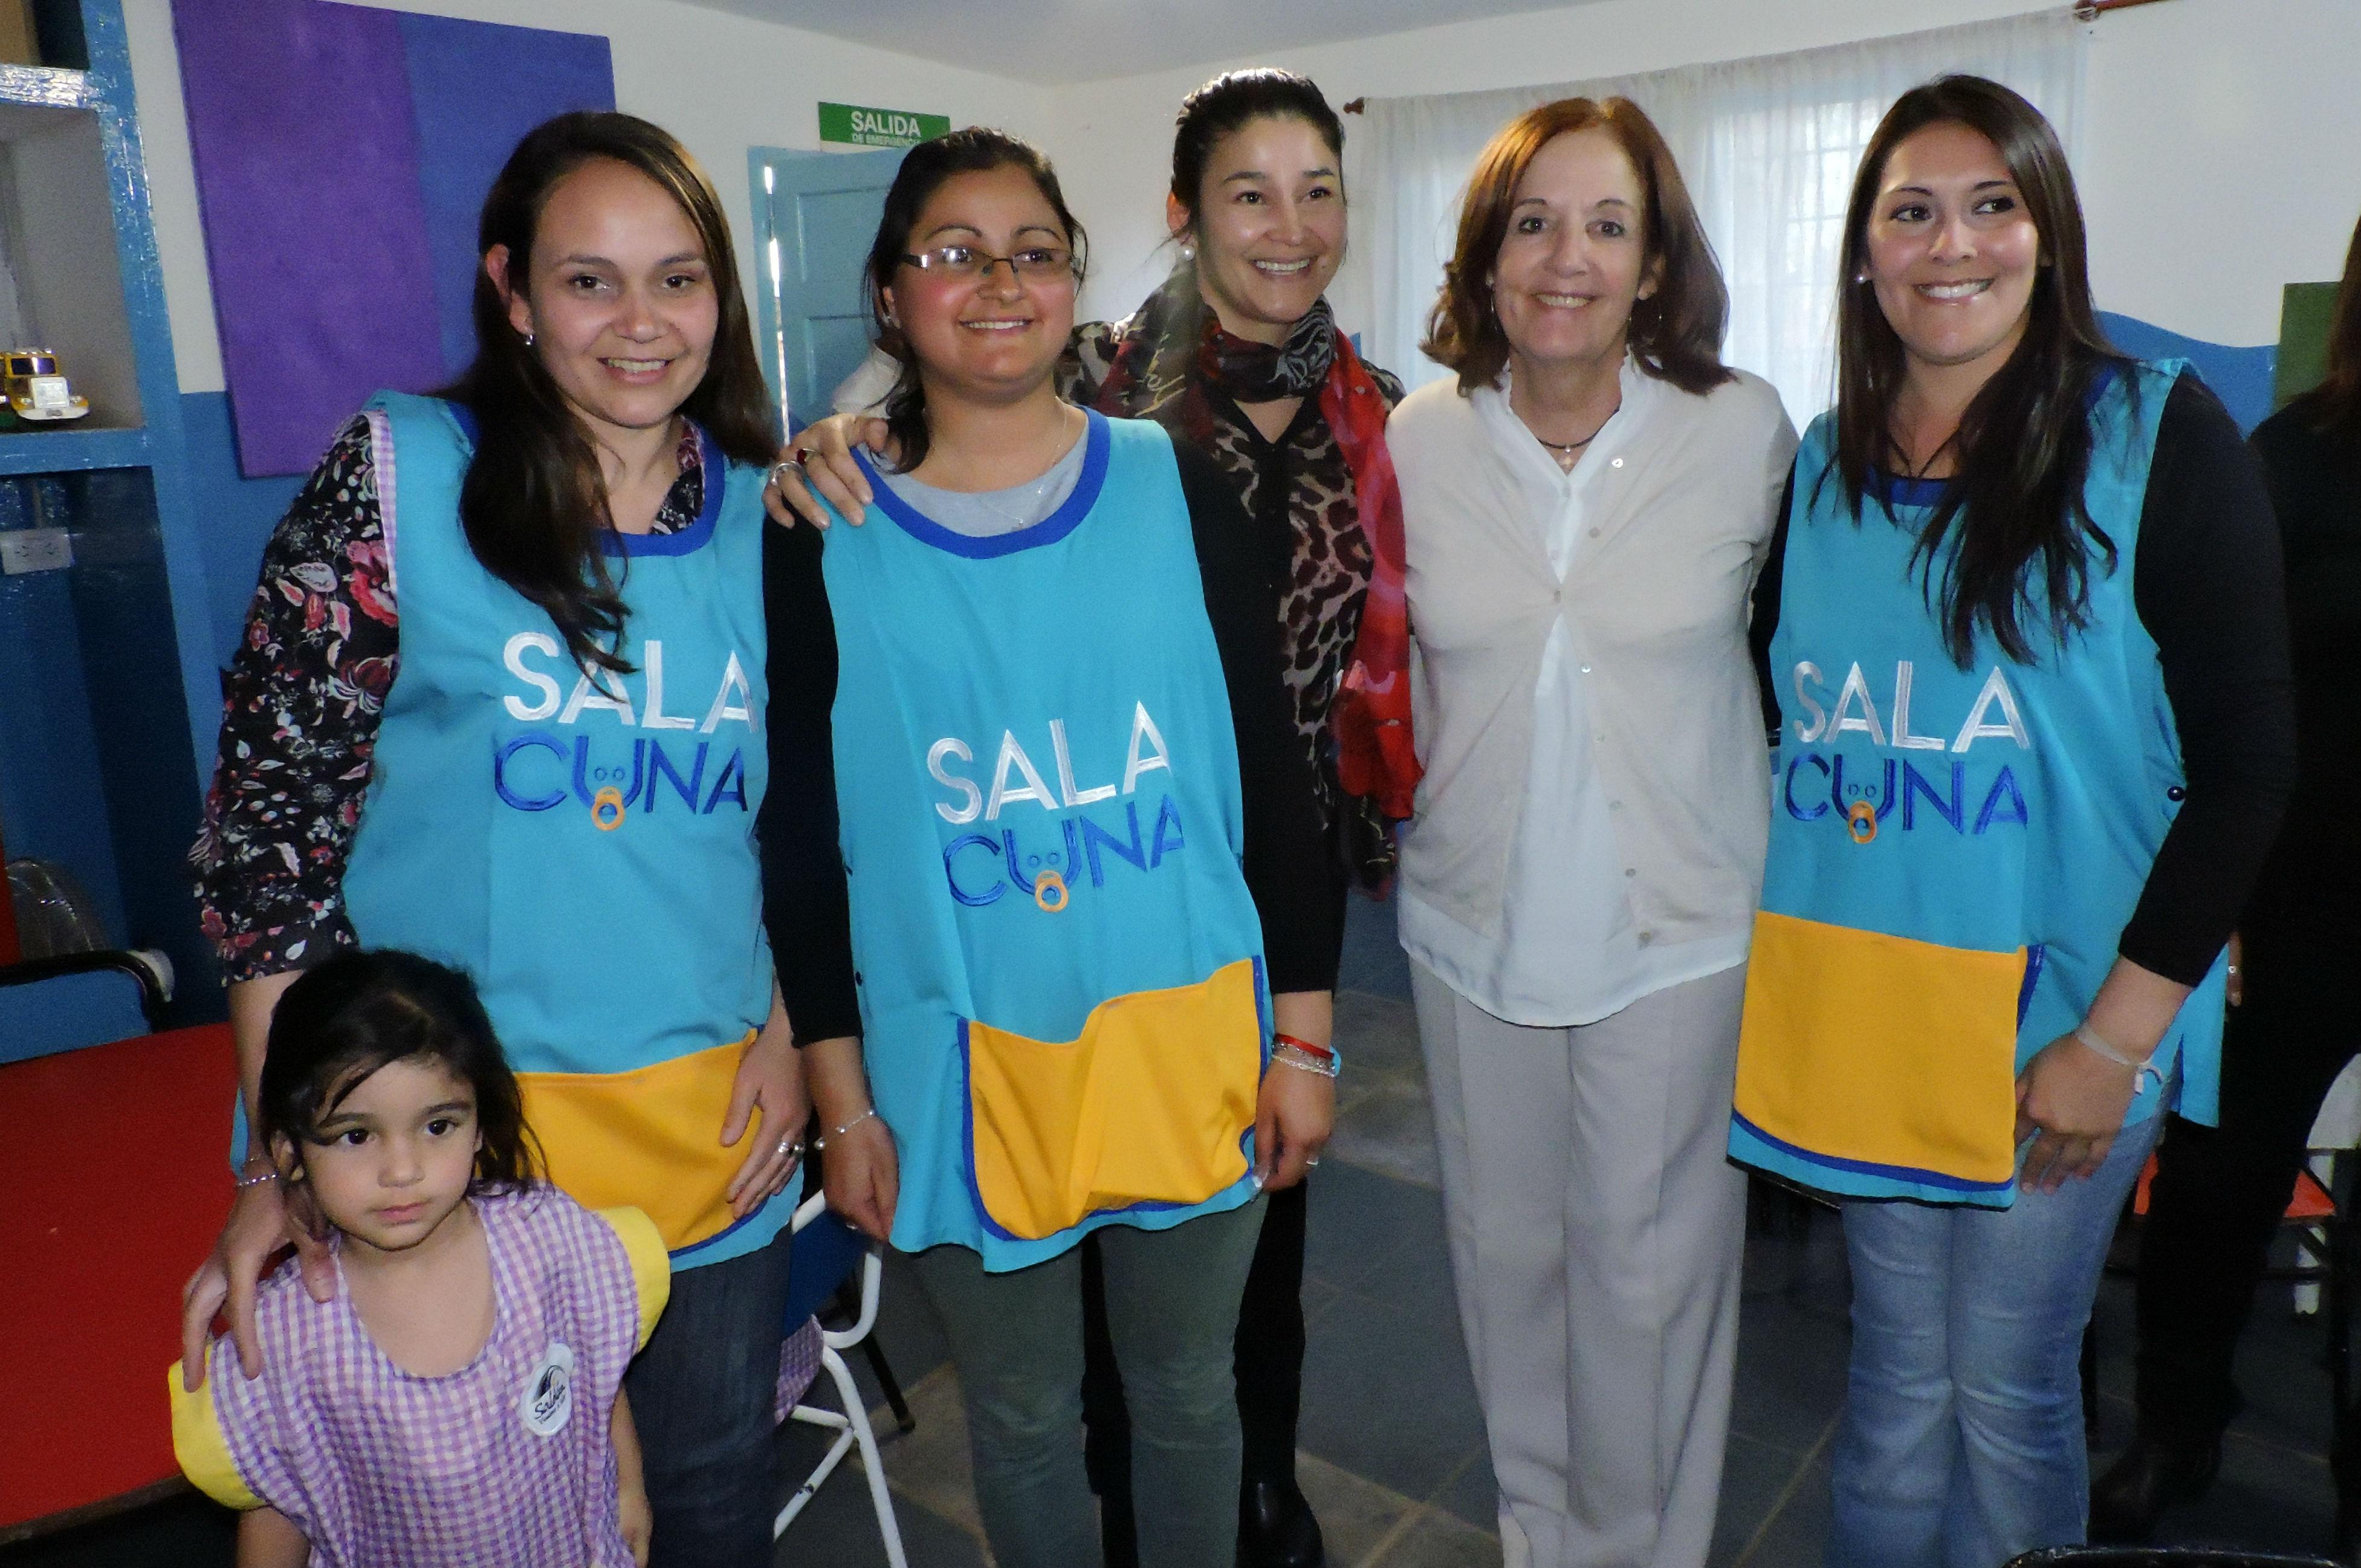 Las dos nuevas salas cuna de Saldán comenzaron con 400 niños